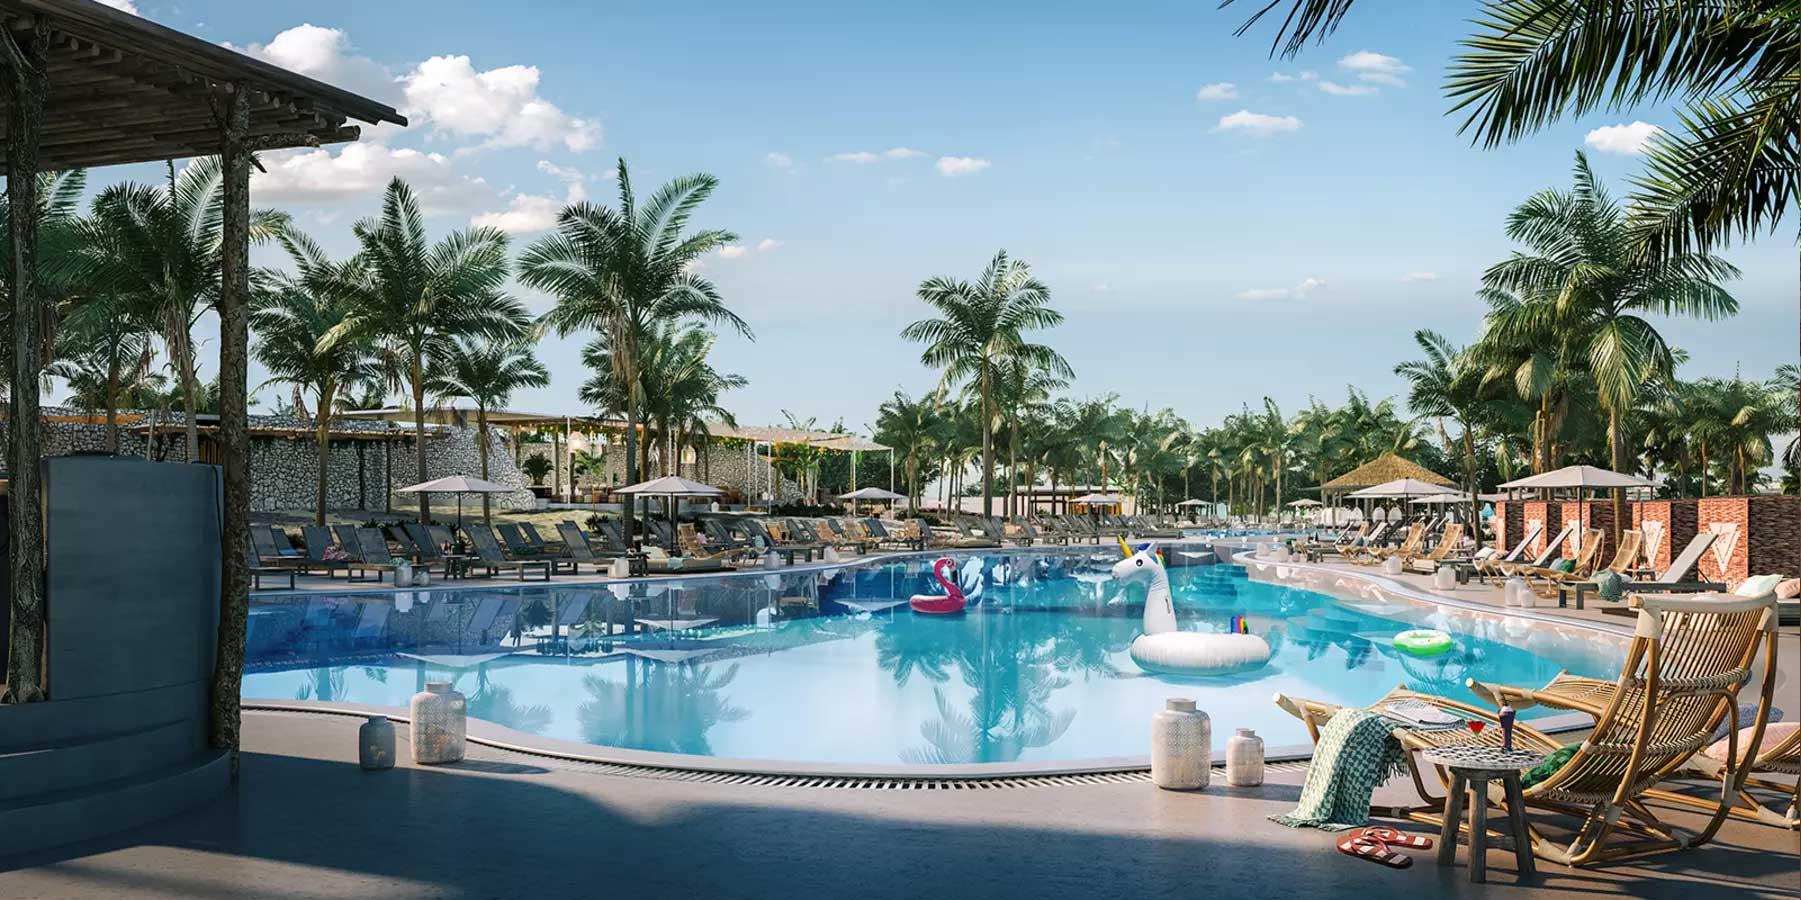 beach club bimini, l'île privée de Virgni Cruises ouvrira ses portes en avril 2020, avec l'inauguration de son nvire